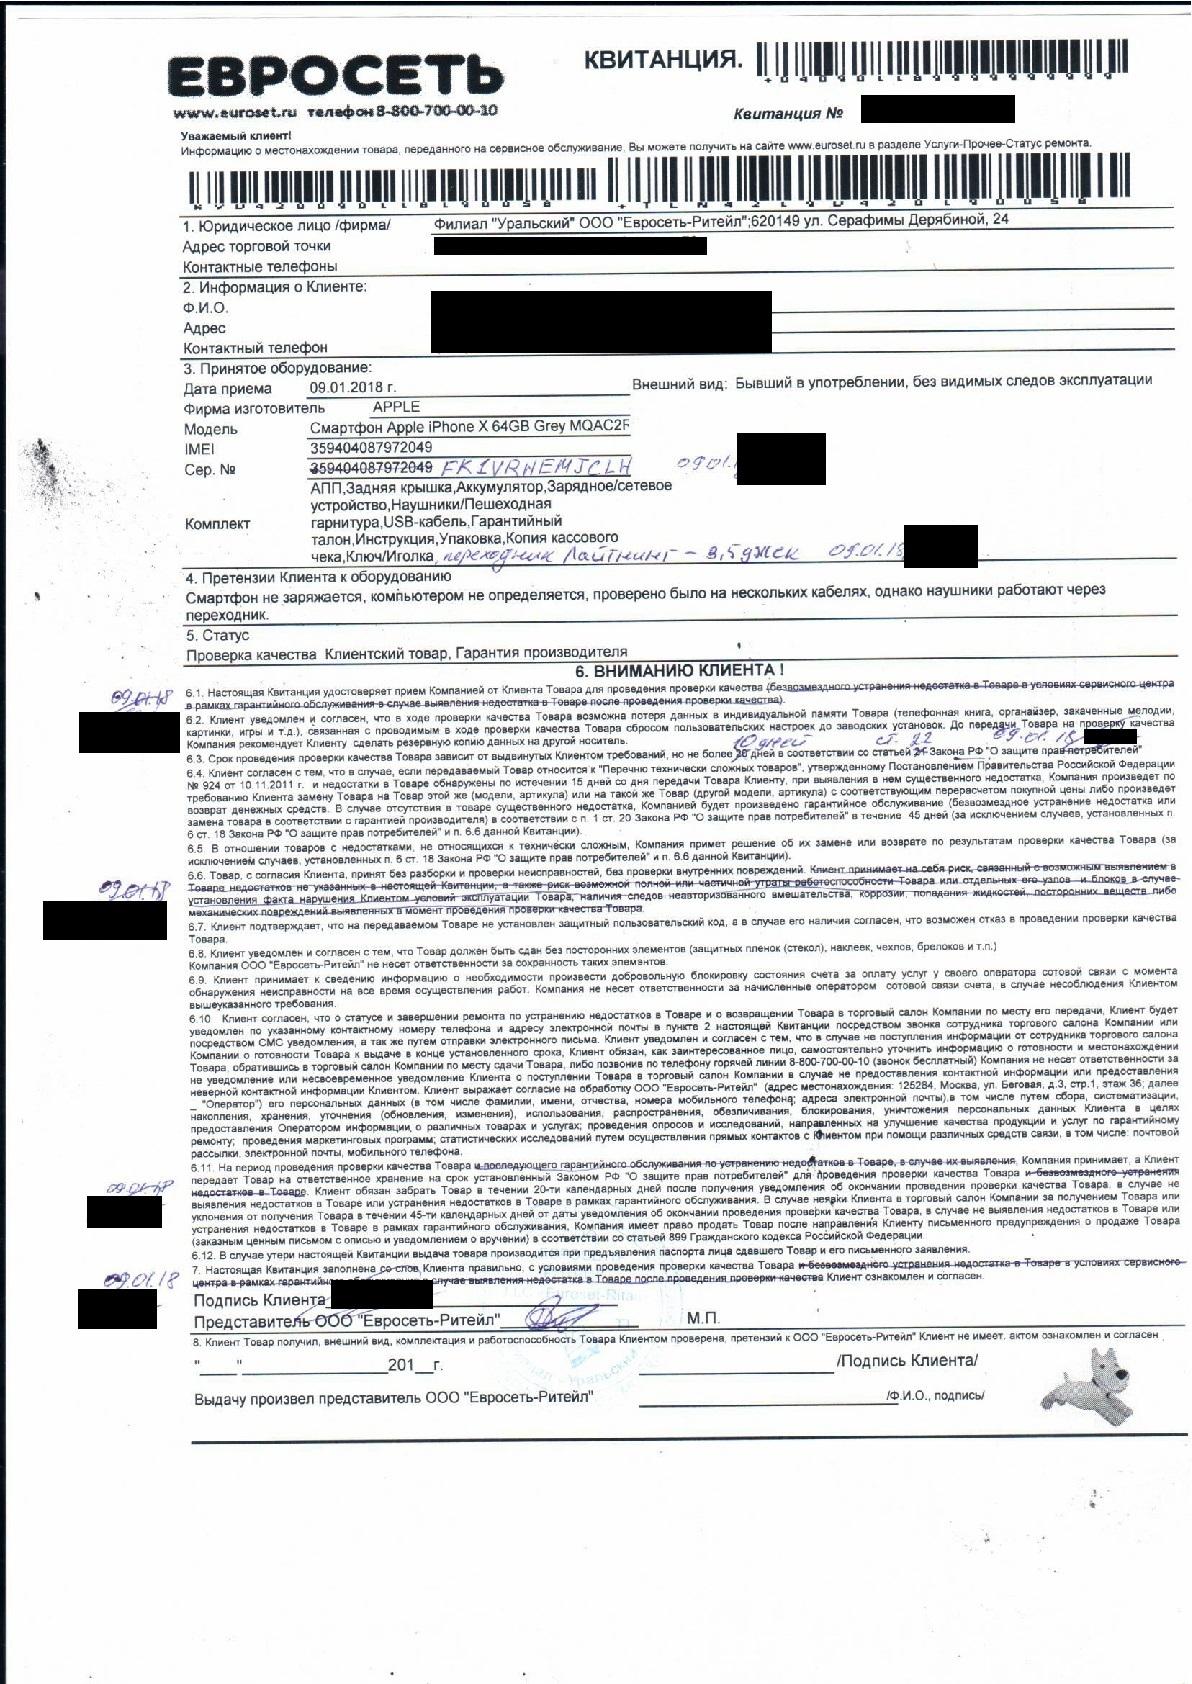 Заявления в банк о реструктуризации ипотеки втб 24